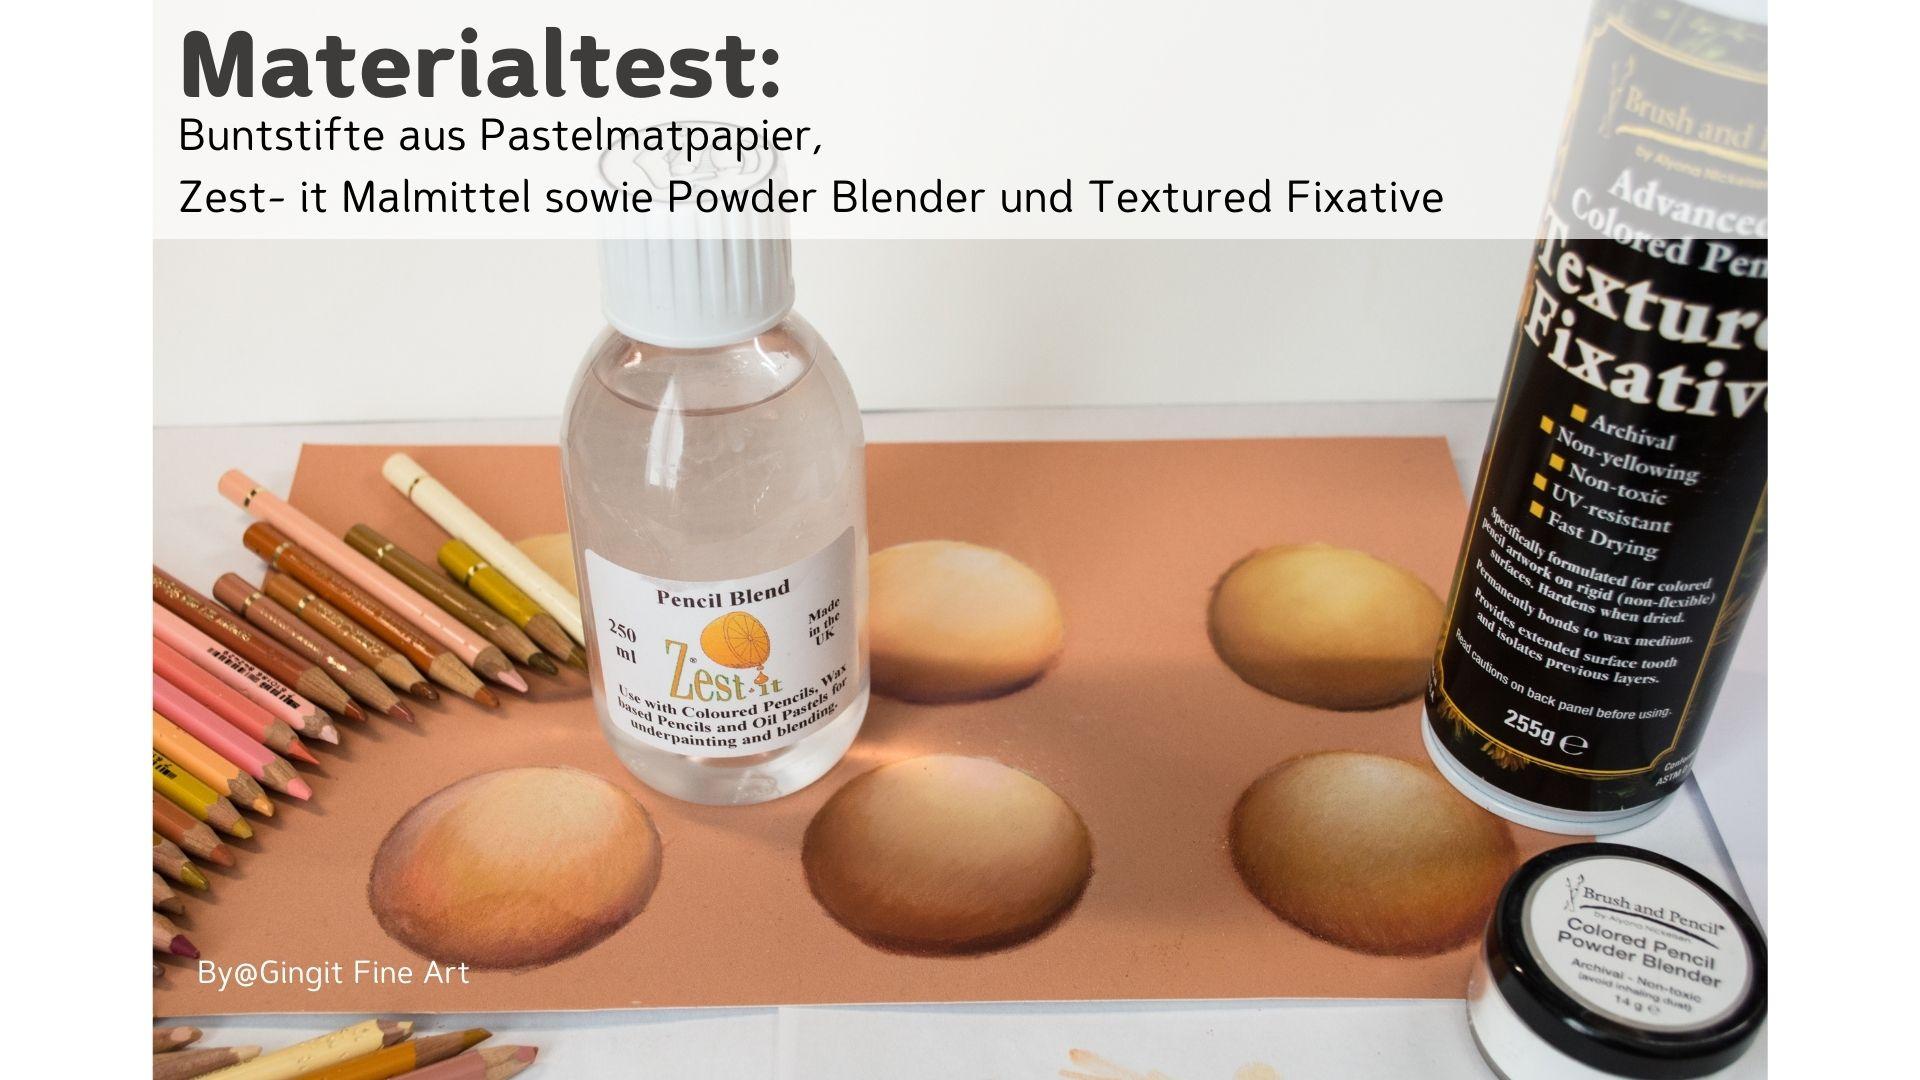 Test Hautfarben zeichnen auf Pastelmatpapier- aber mit Buntstiften